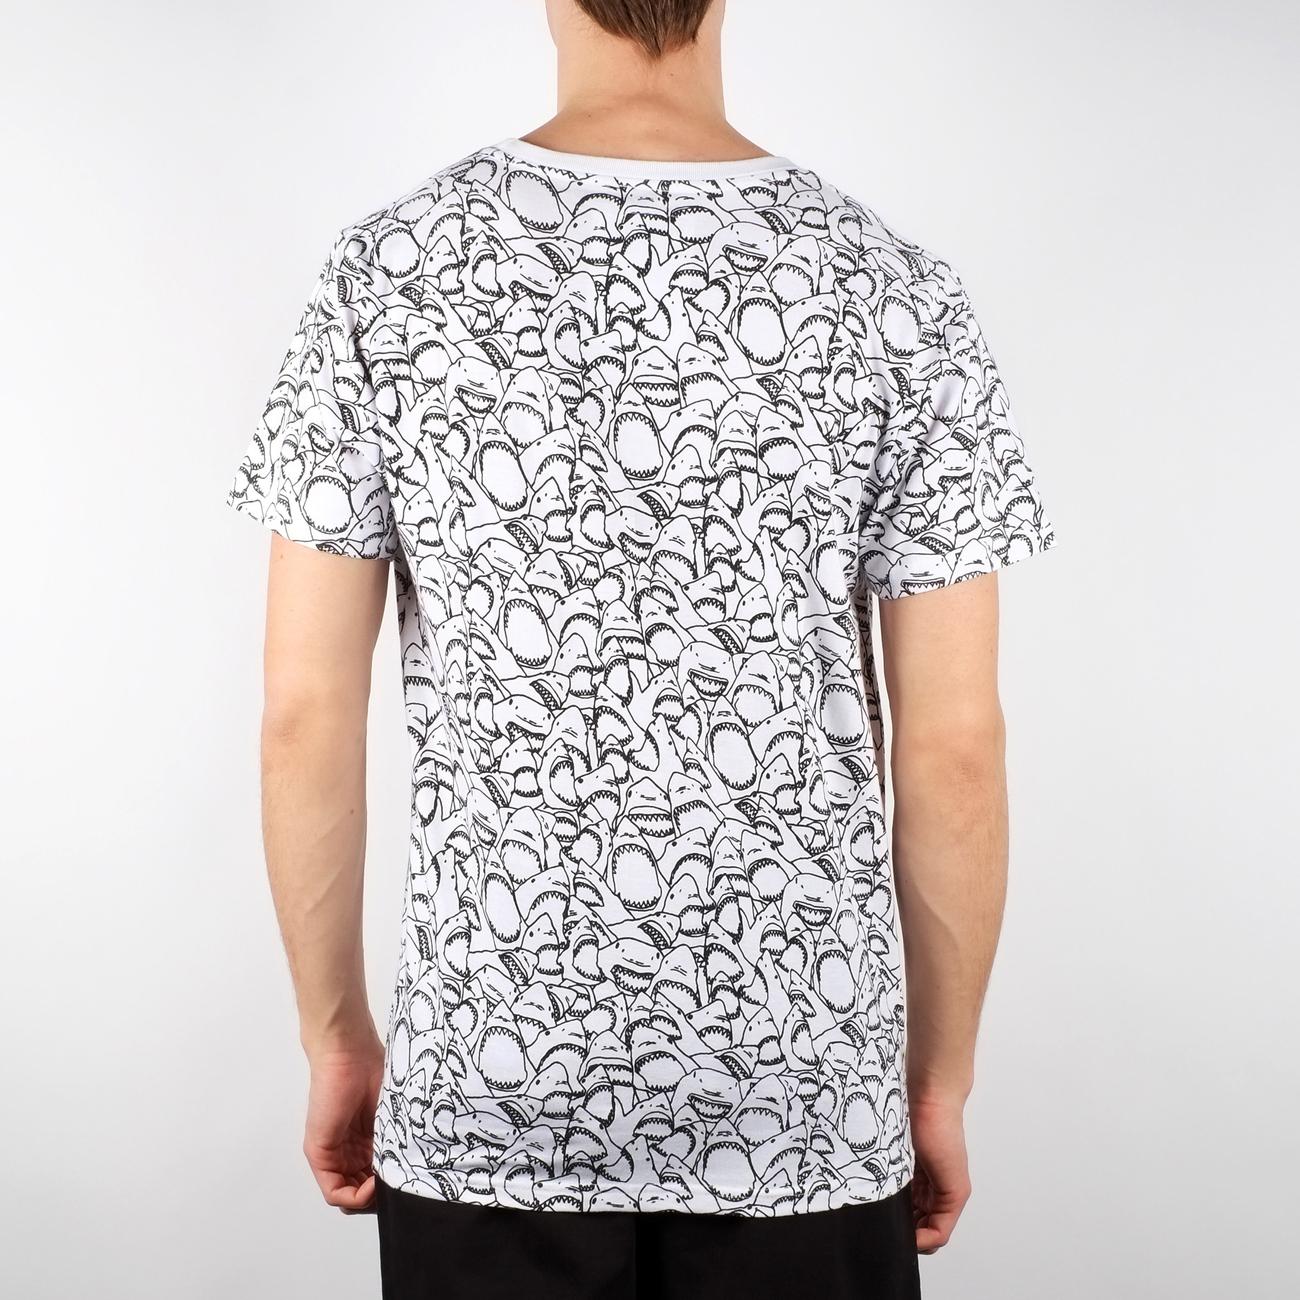 Stockholm T-shirt Shark Bite